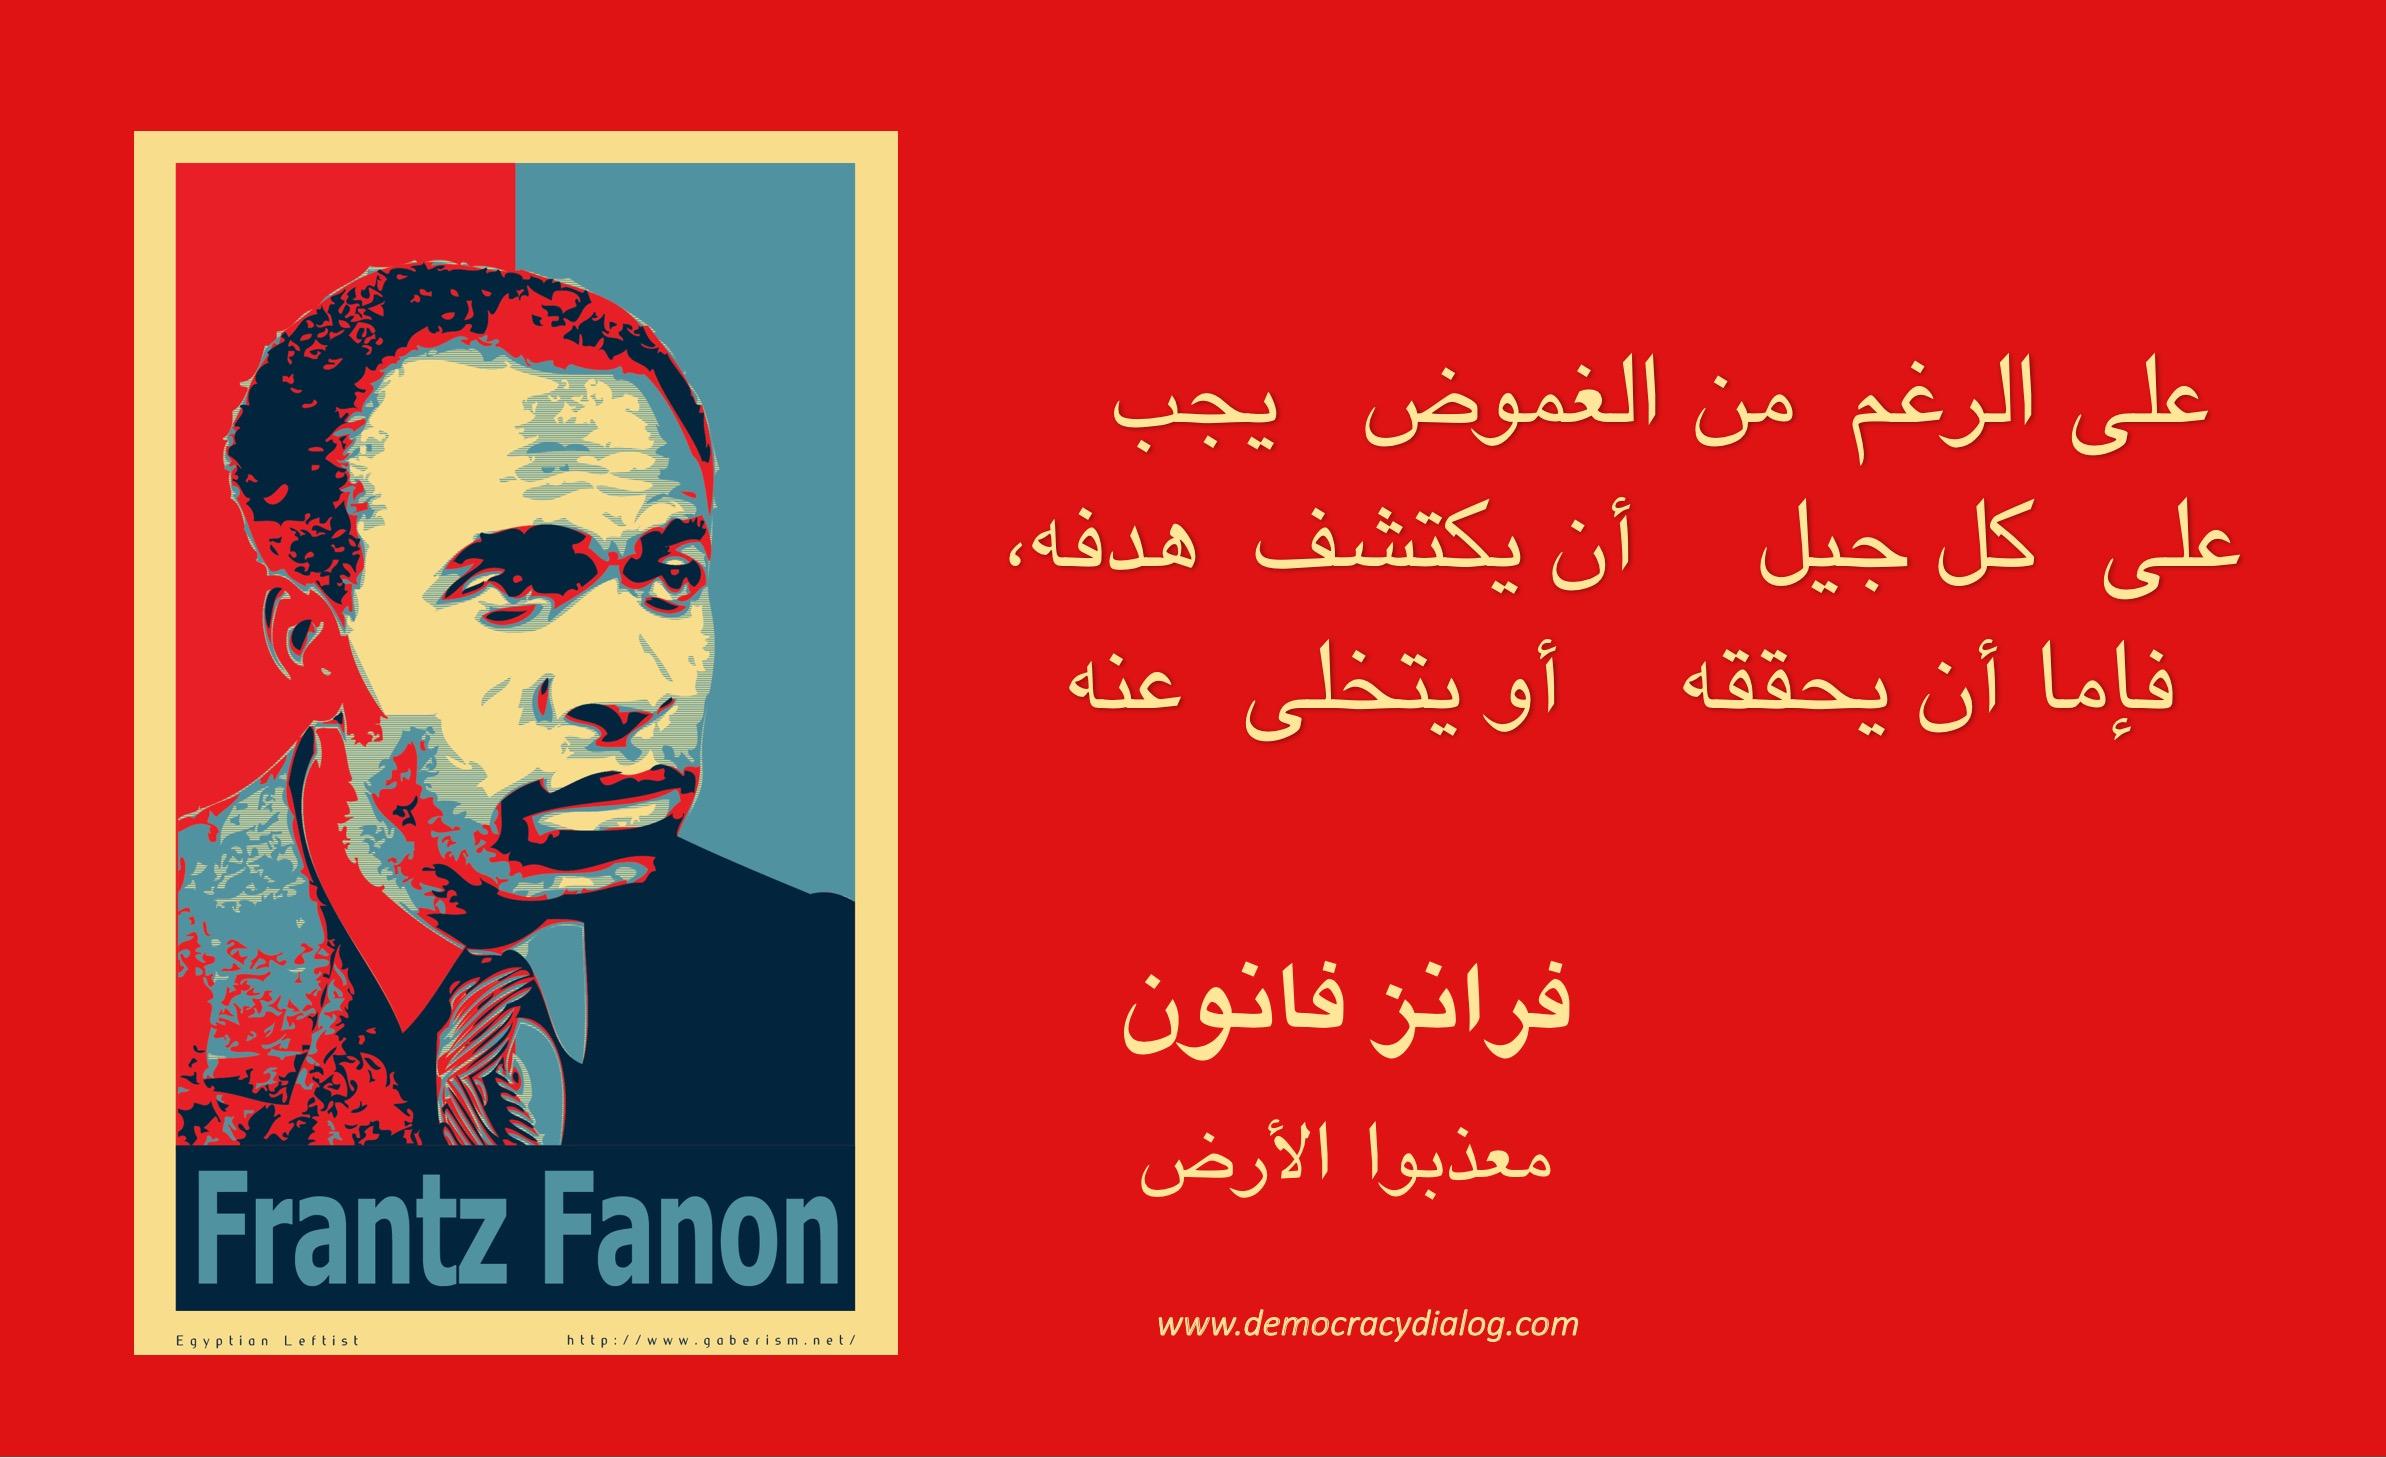 فرانز فانون